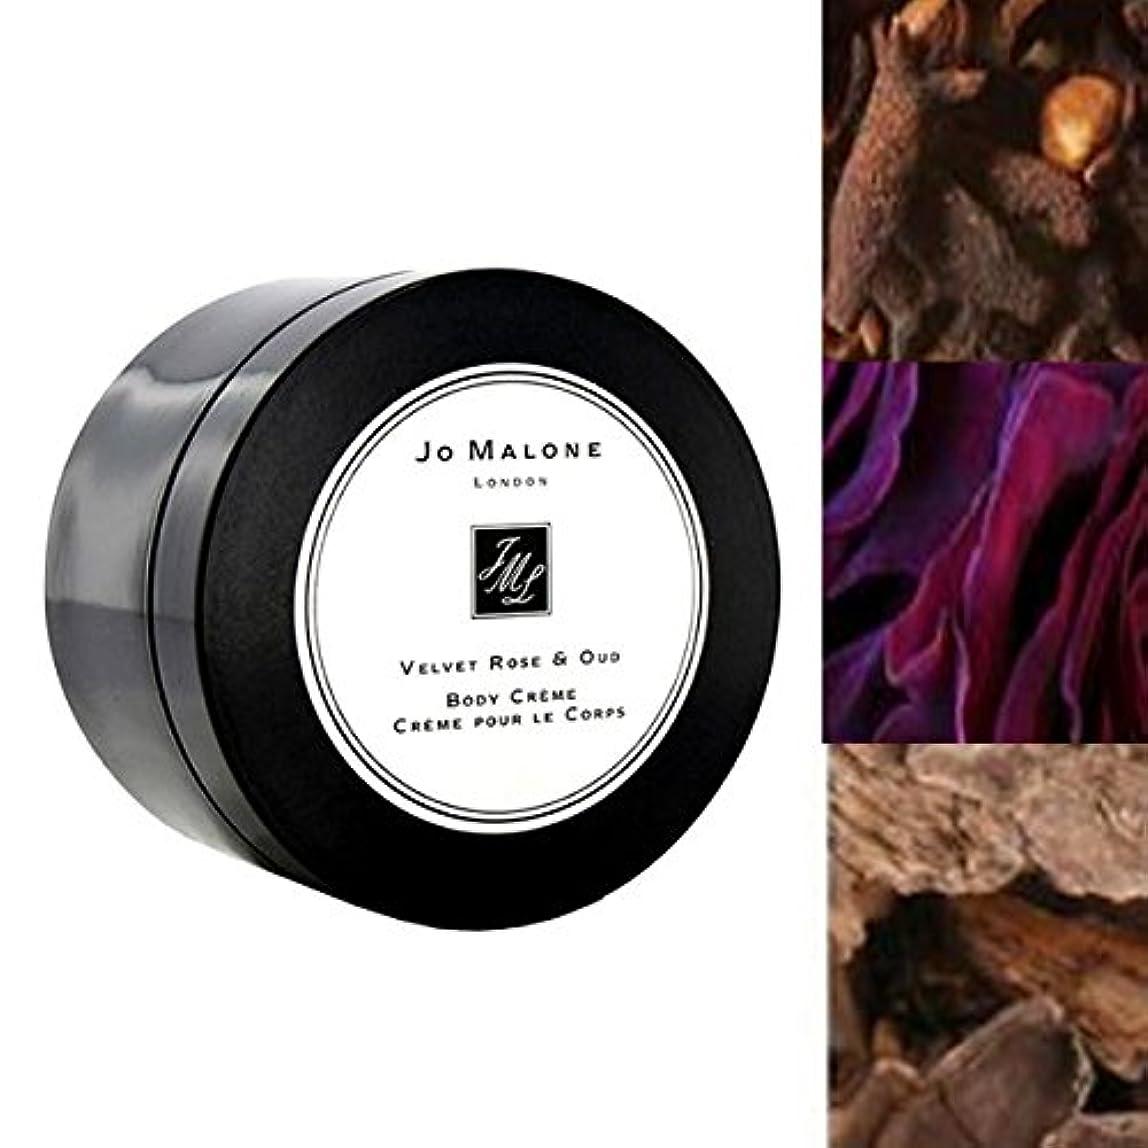 健康的受け皿余暇Jo Malone London ジョーマローン, Velvet Rose & Oud Body Crème (5.9 oz.)[海外直送品] [並行輸入品]